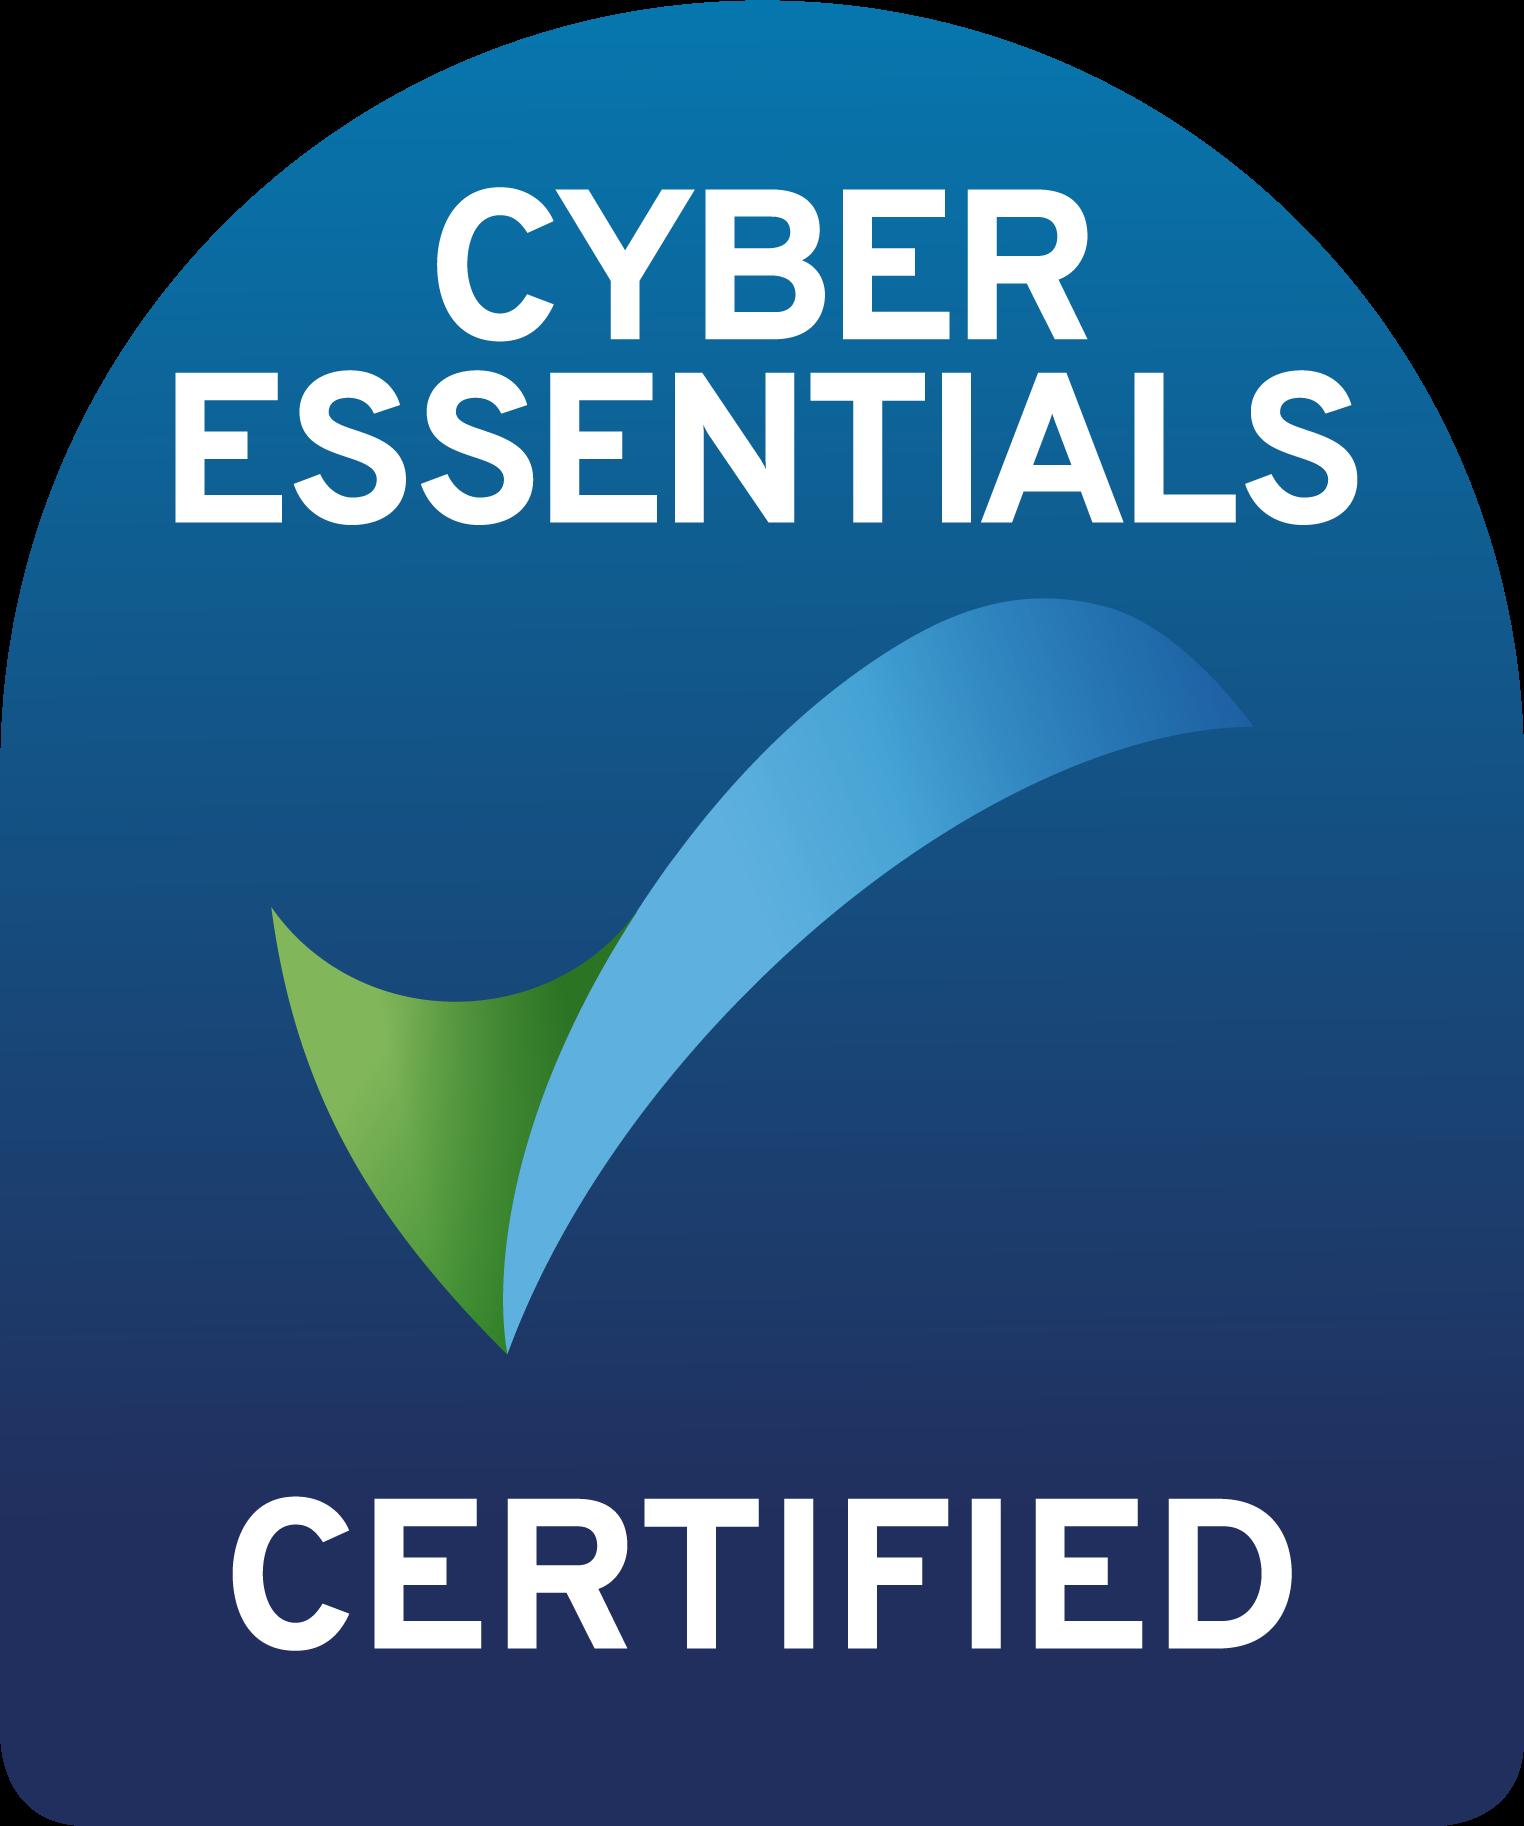 CyberEssentials